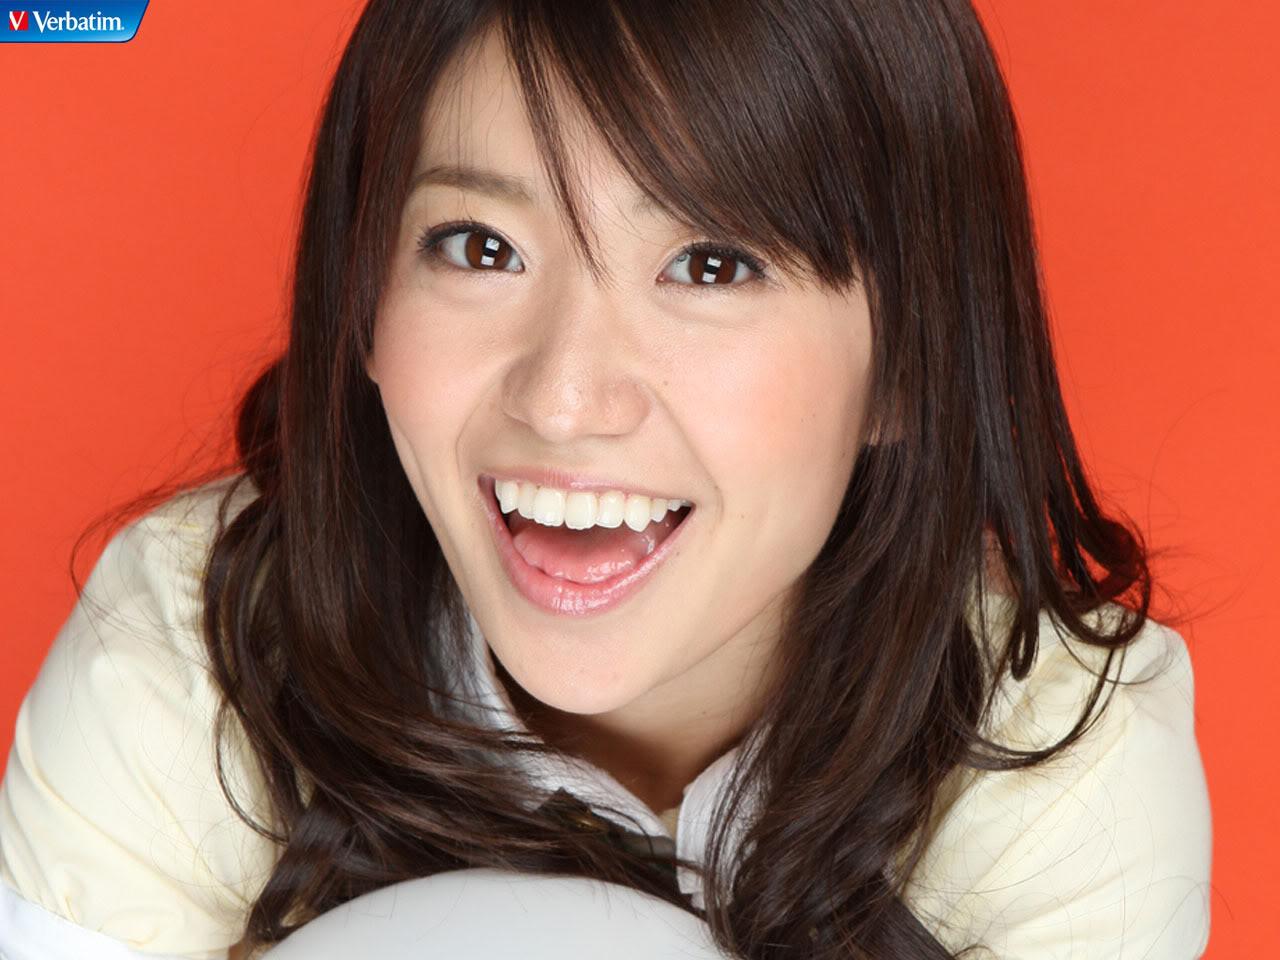 【衝撃!?】大島優子等女性芸能人たちの卒業写真を集めてみた!!のサムネイル画像